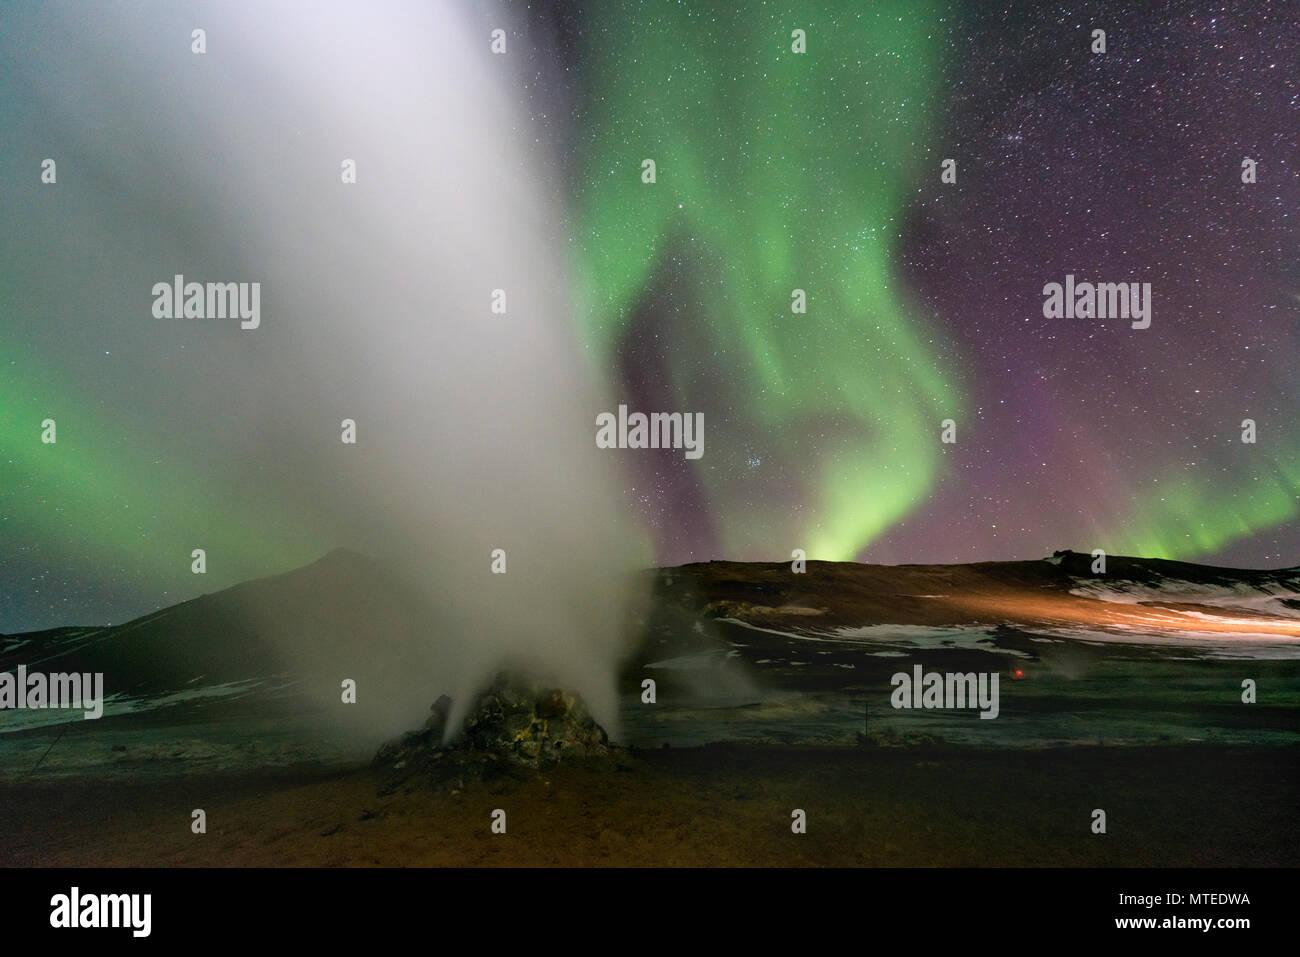 Fumarola, Hverir área geotérmica, las Luces del Norte (Aurora Borealis), cerca de Mývatn, en el norte de Islandia, Islandia Foto de stock